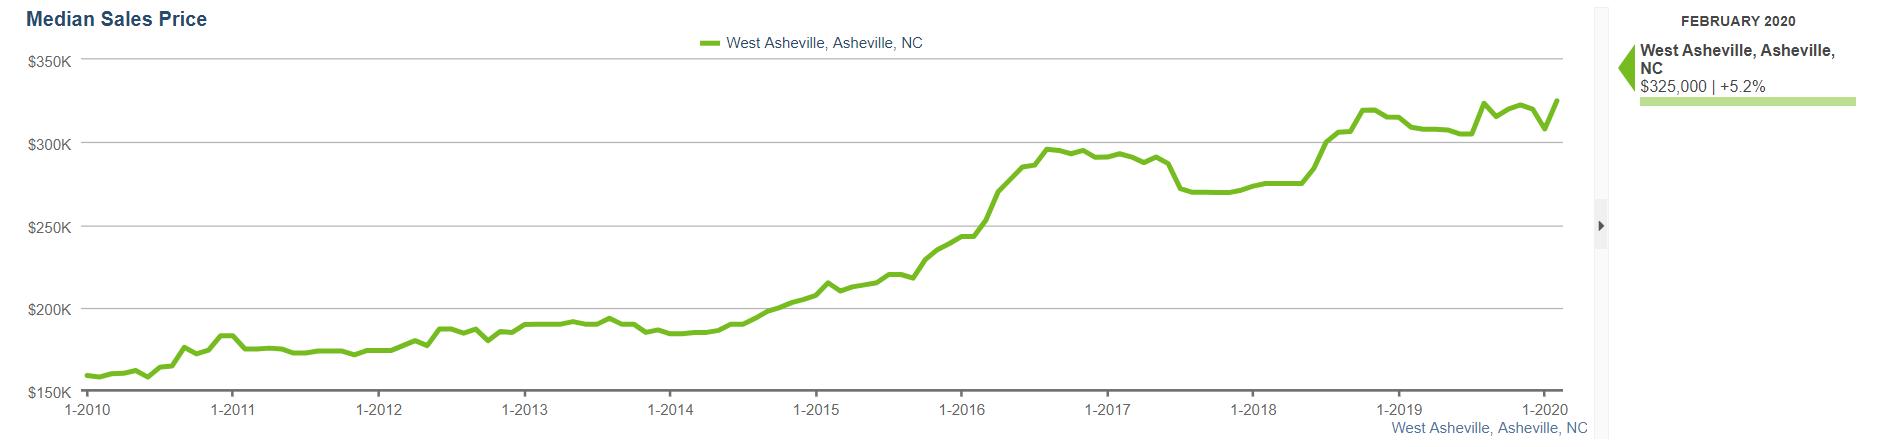 West Asheville real estate sales